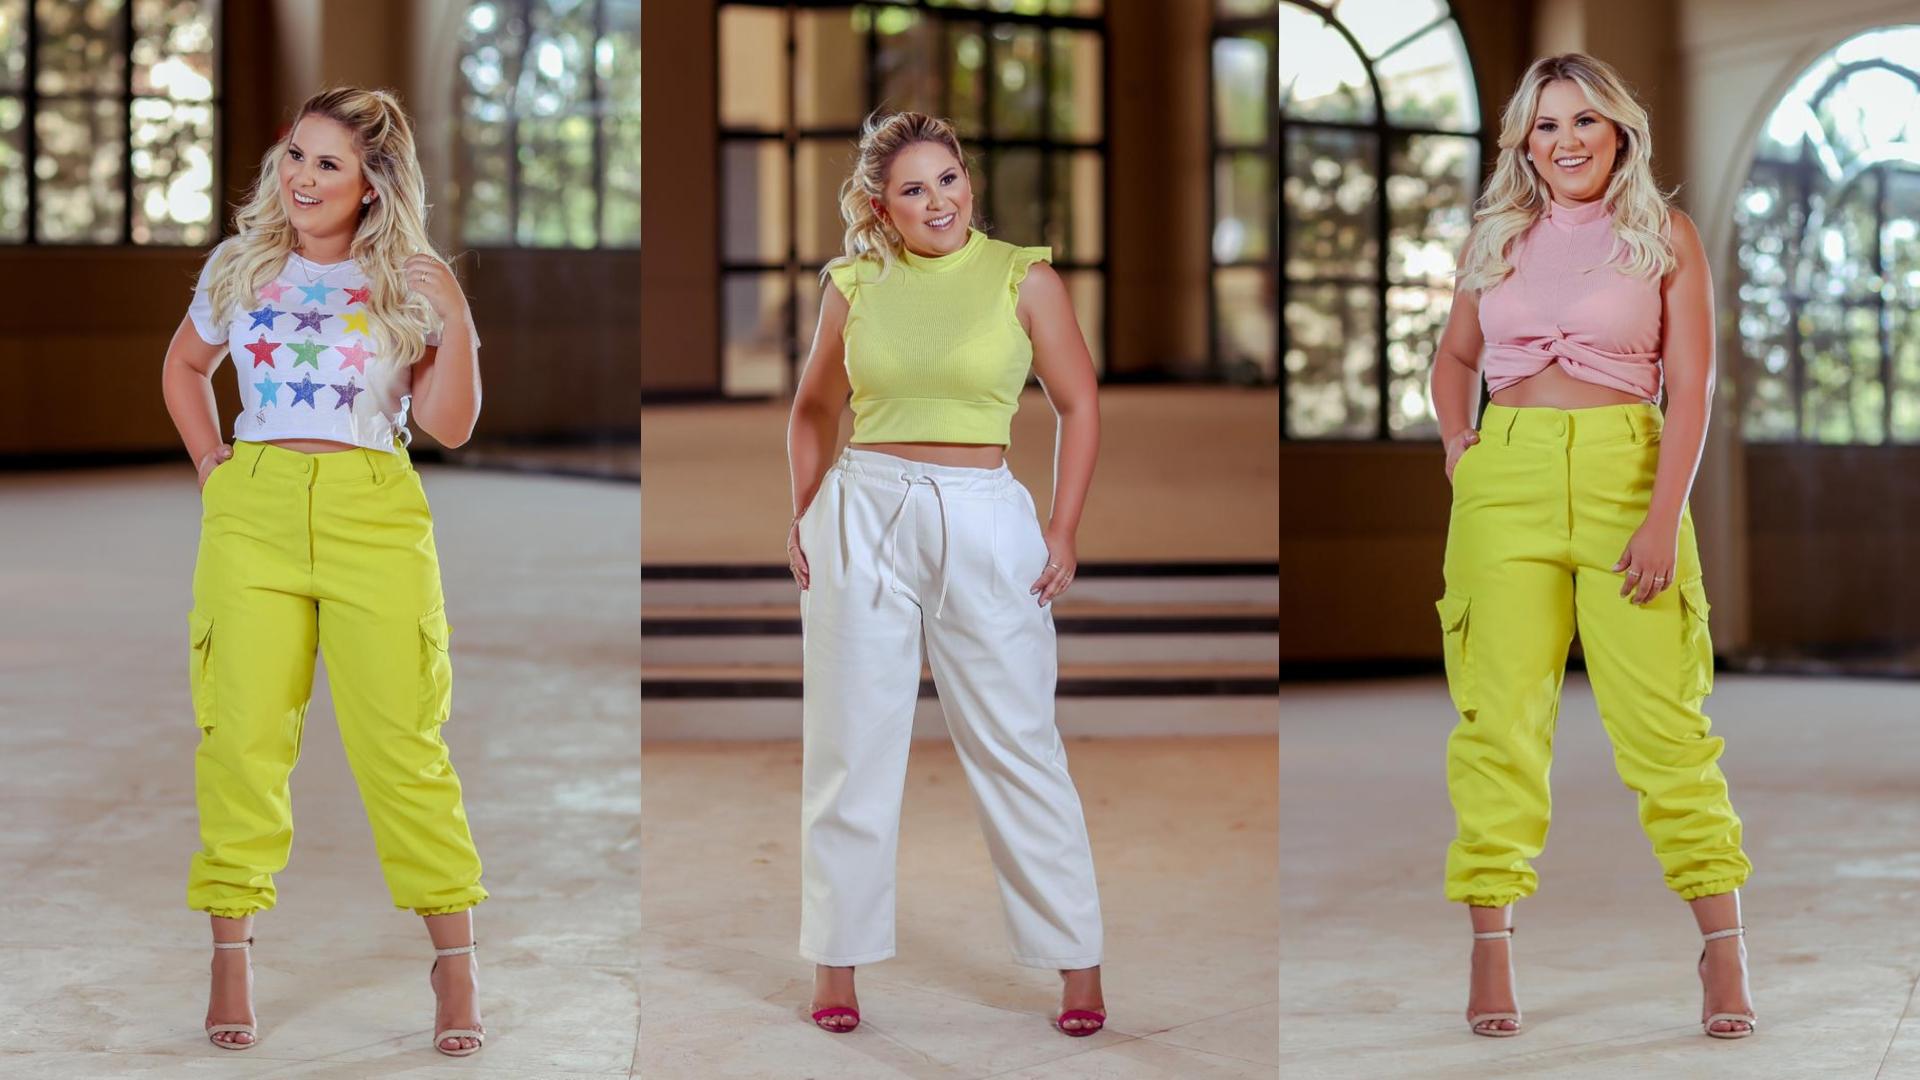 Natália Toscano aposta em looks com peças fluorescentes